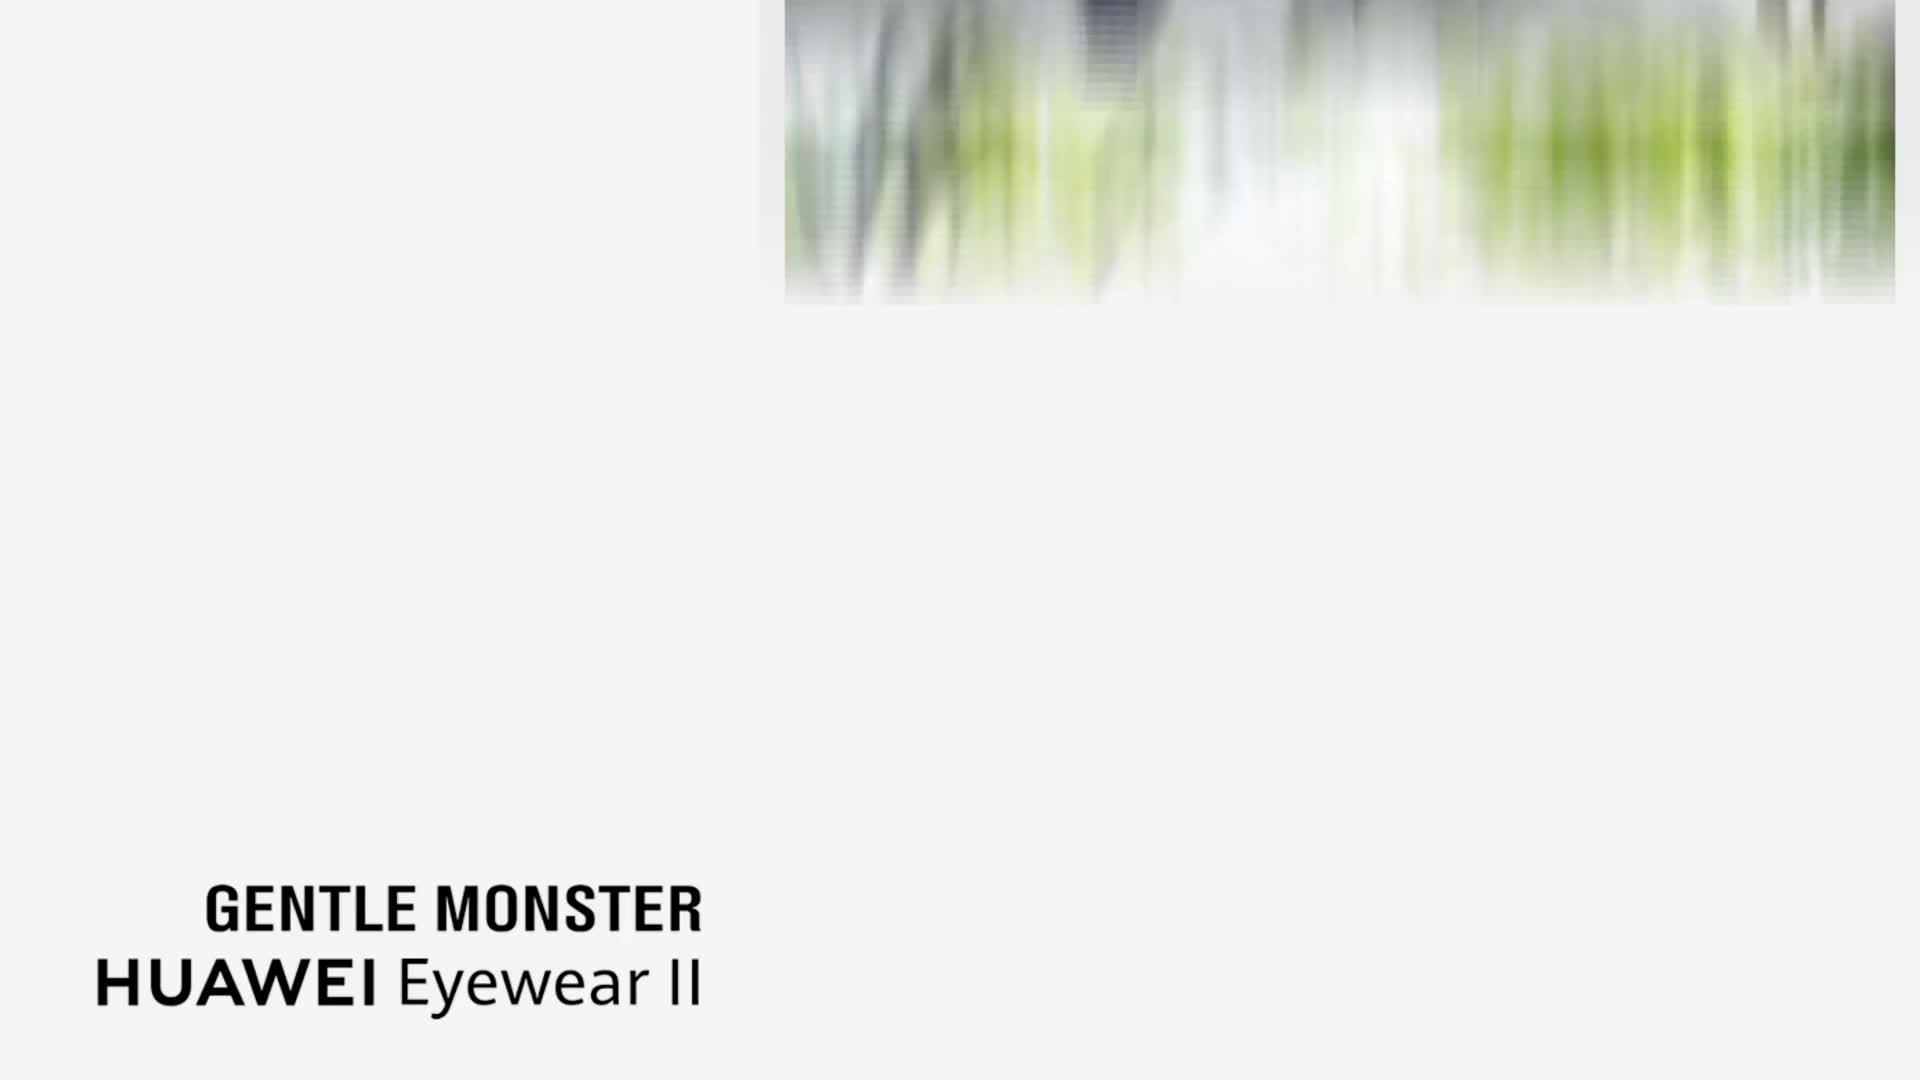 华为GENTLE MONSTER Eyewear二代智能眼镜让你化身时尚先锋